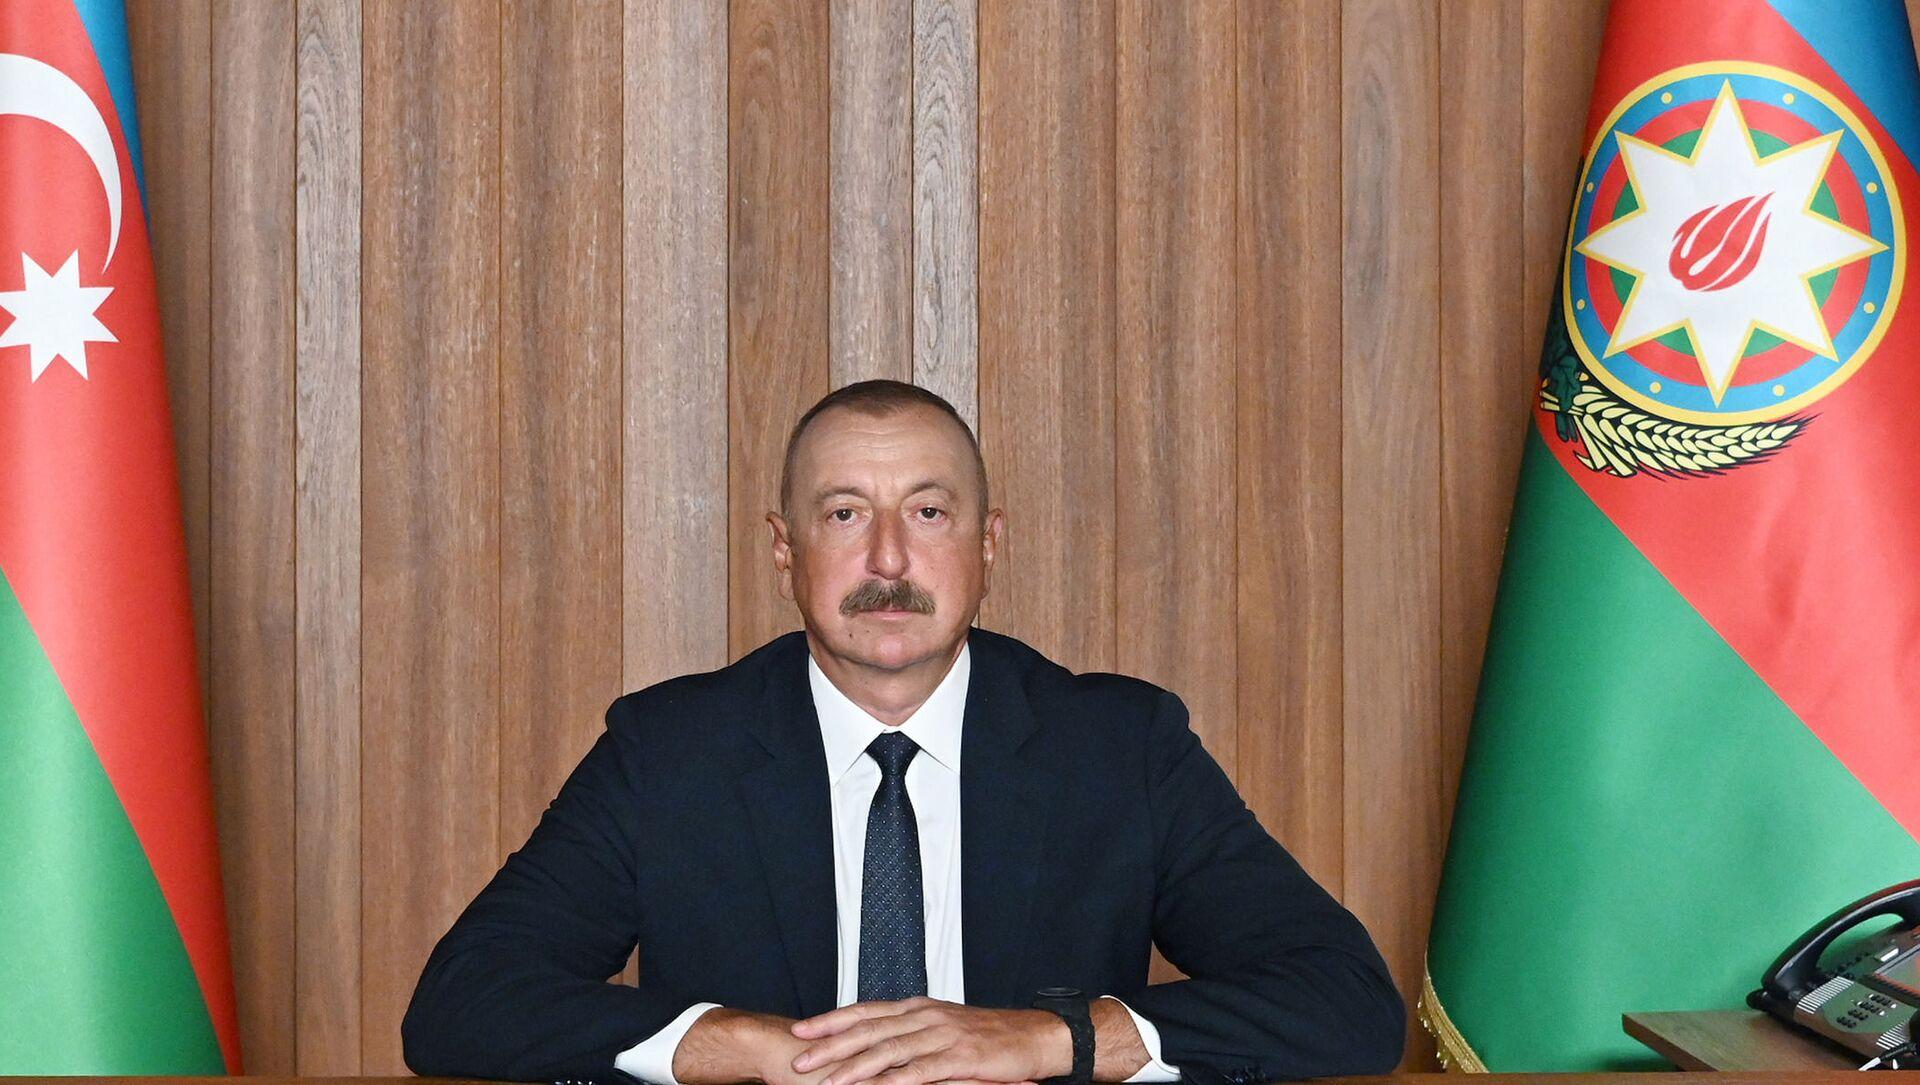 Президент Азербайджана Ильхам Алиев выступиk на 76-й сессии Генеральной Ассамблеи ООН в формате видеообращения. - Sputnik Азербайджан, 1920, 24.09.2021